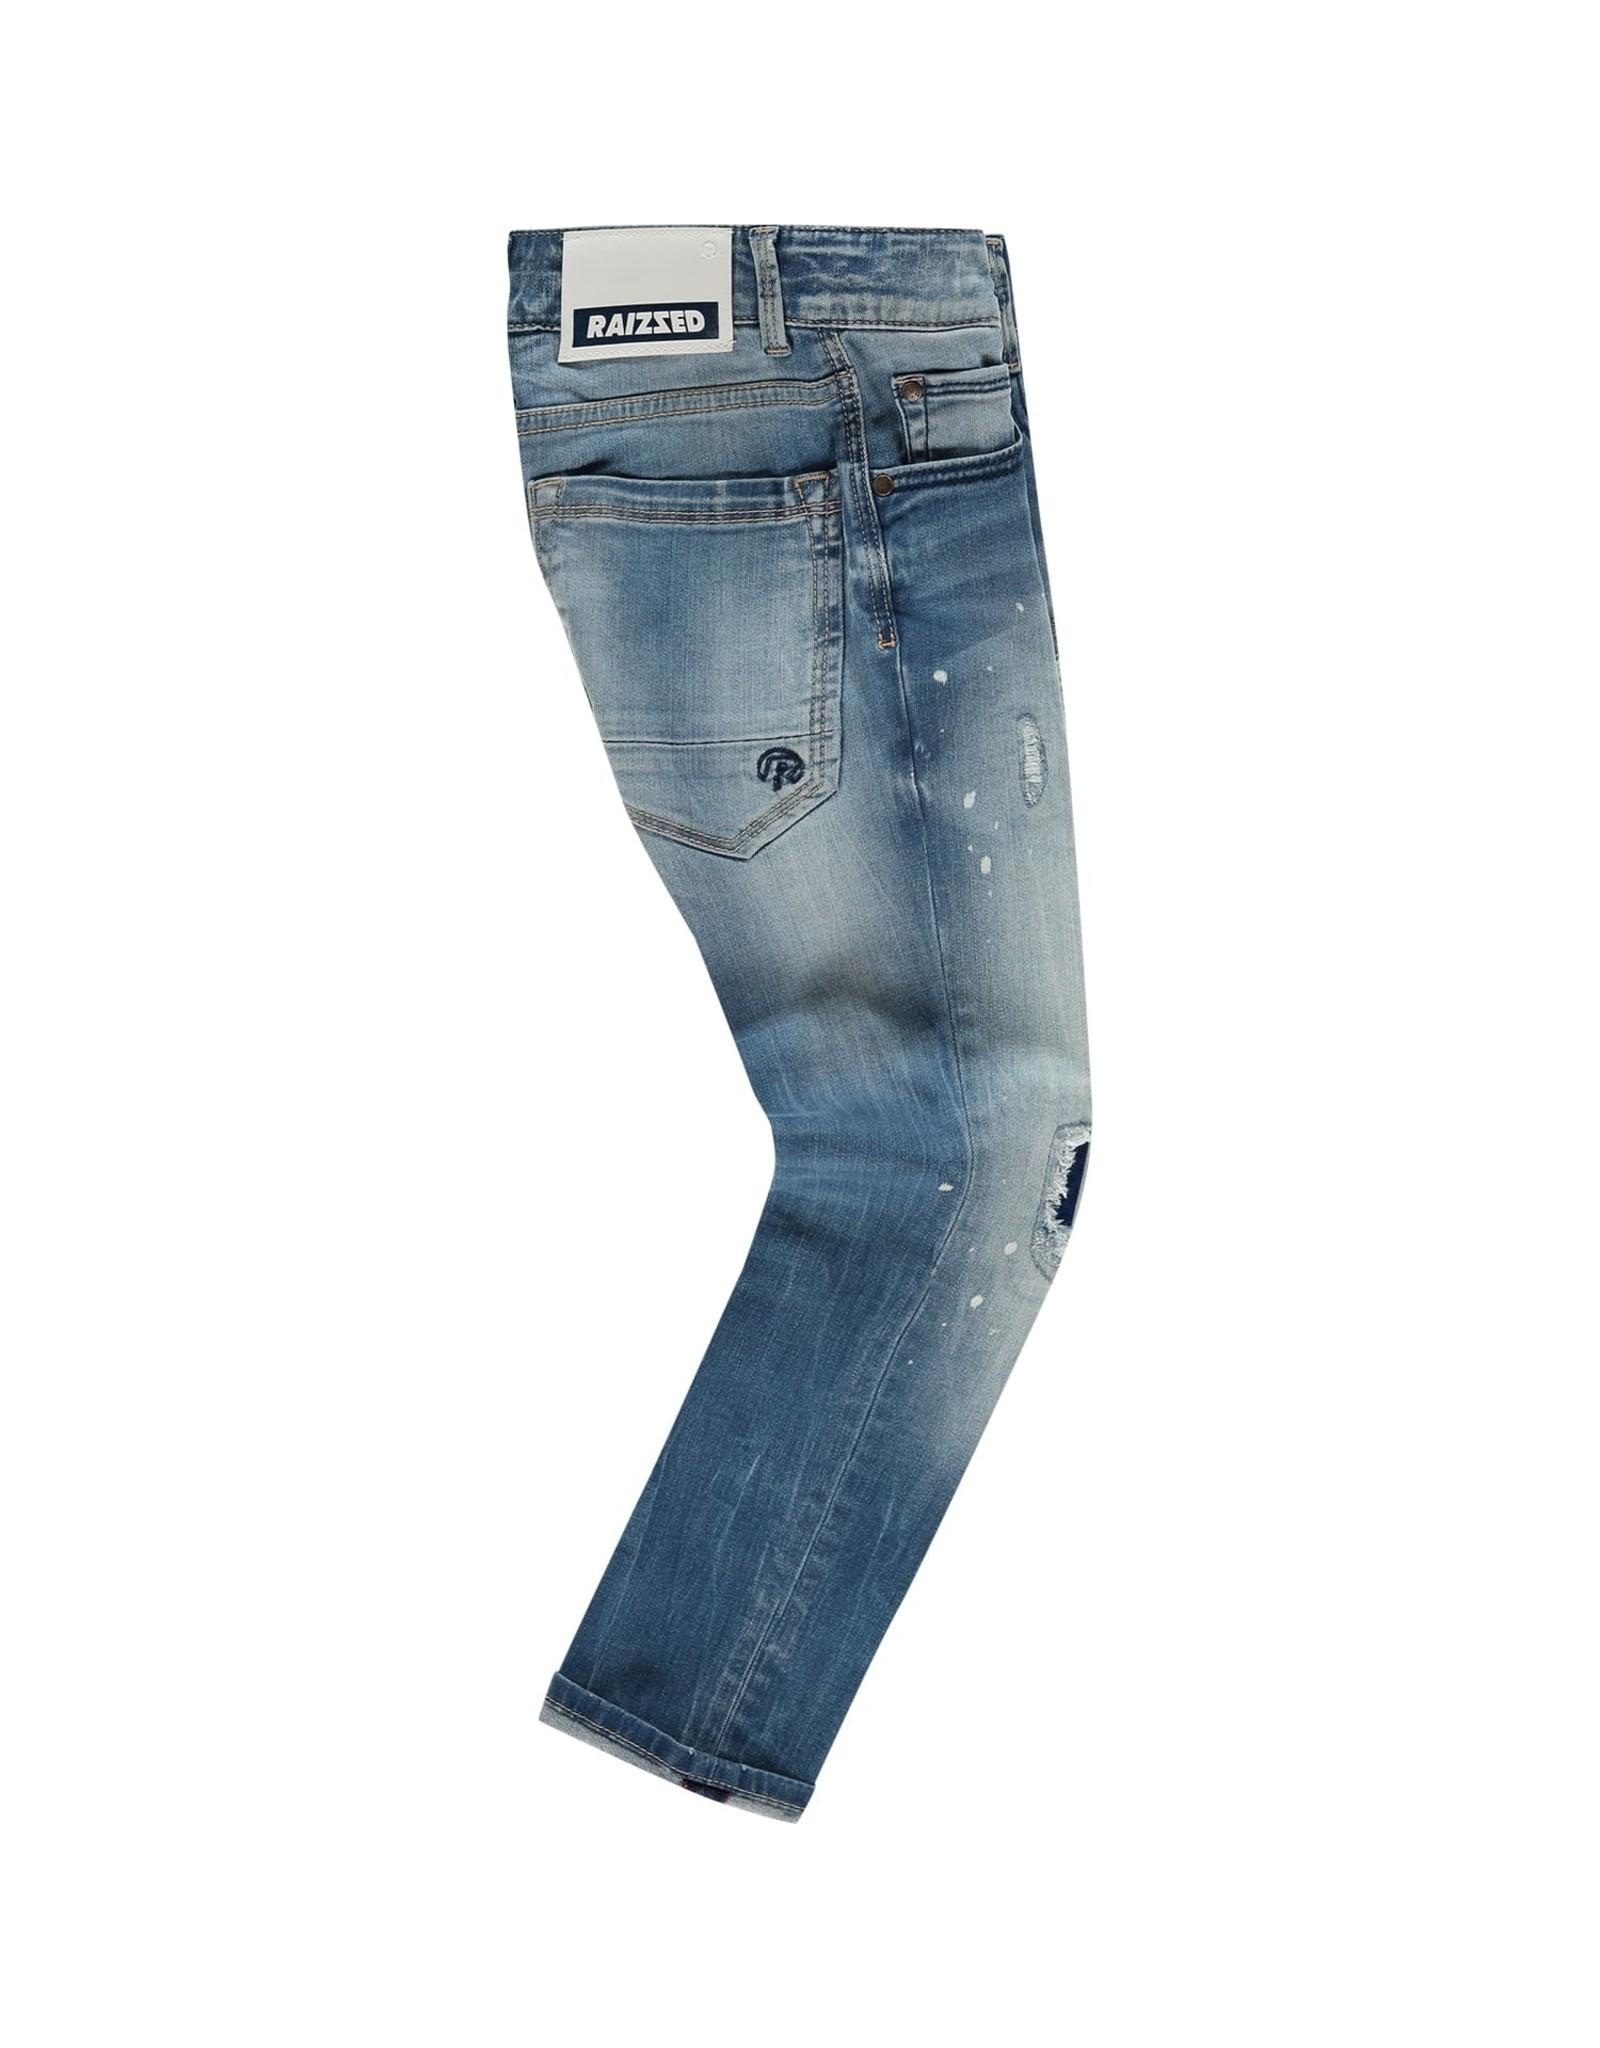 Raizzed Raizzed jongens skinny jeans Tokyo Dark Blue Stone S21